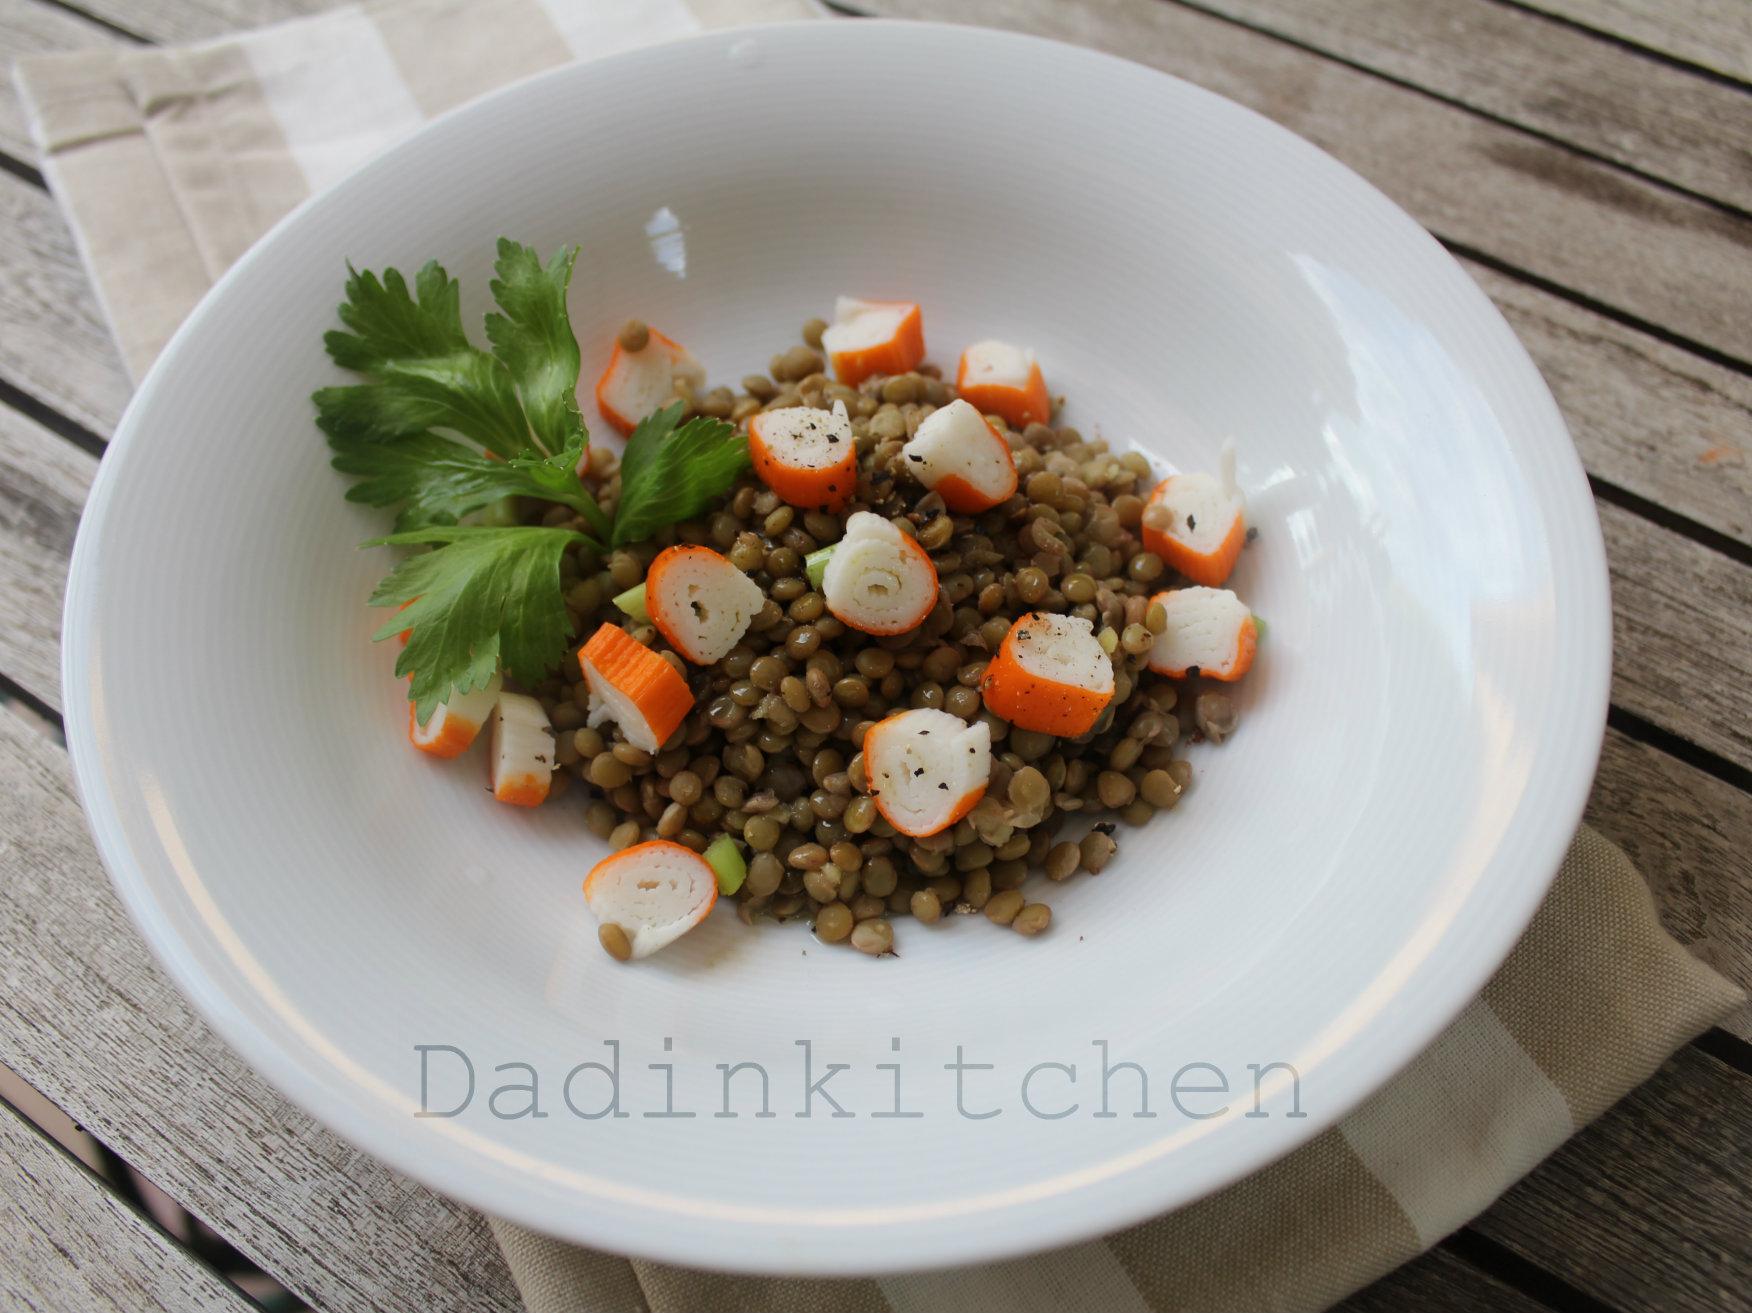 Insalata di lenticchie e polpa di pesce al sapore di granchio